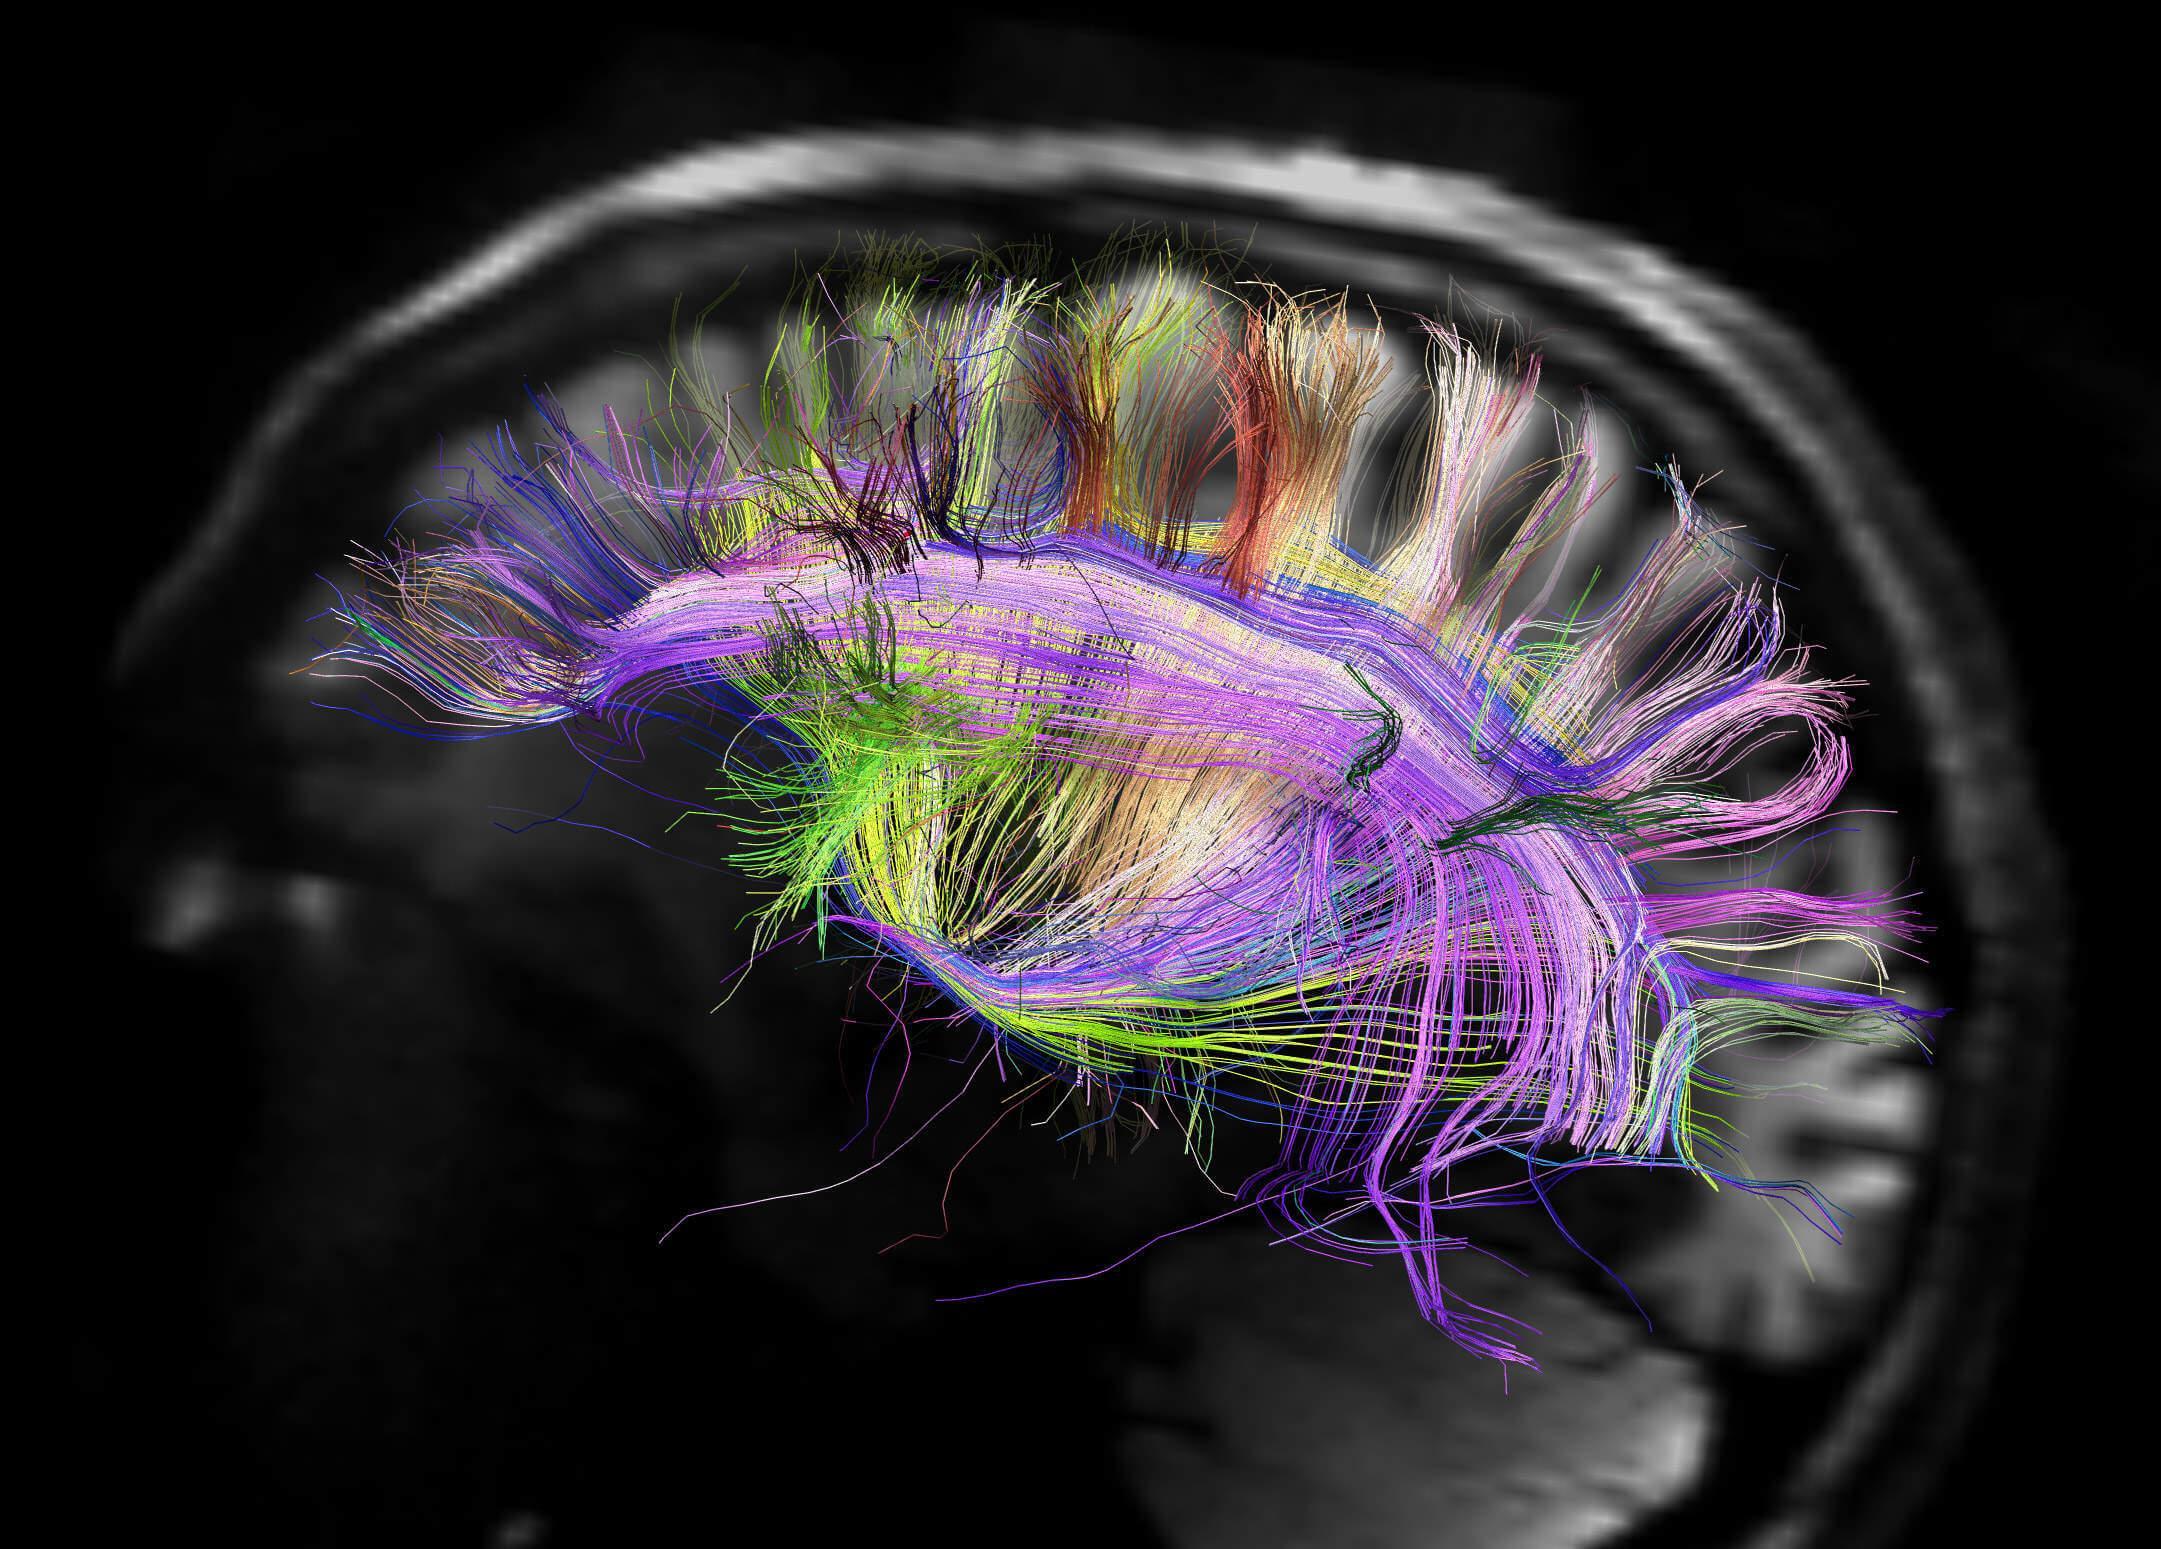 измени свой мозг изменится и